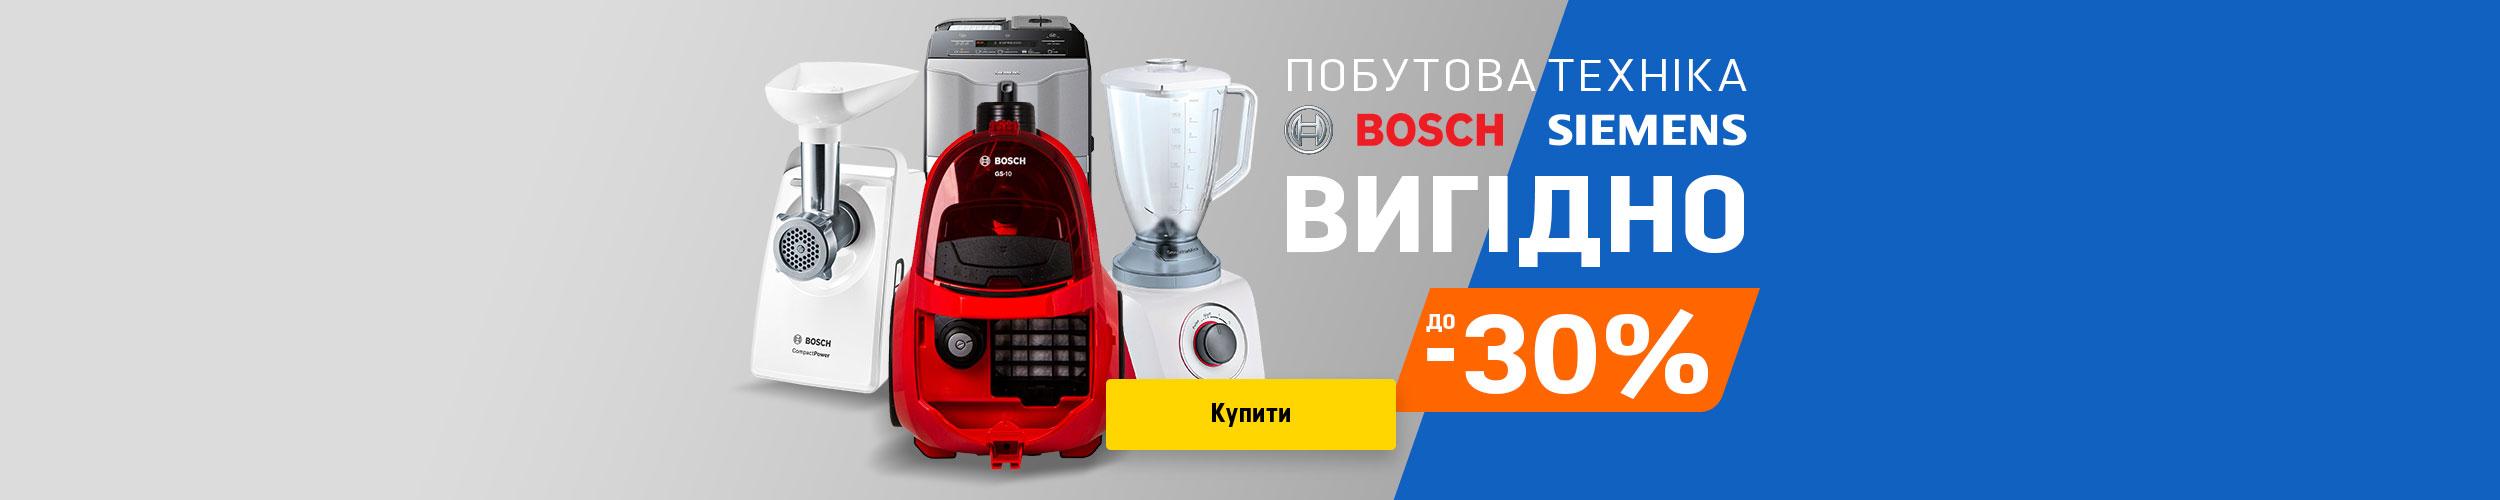 ᐉ Техніка для догляду за домом та одягом в Києві купити ... 47ab17943d072